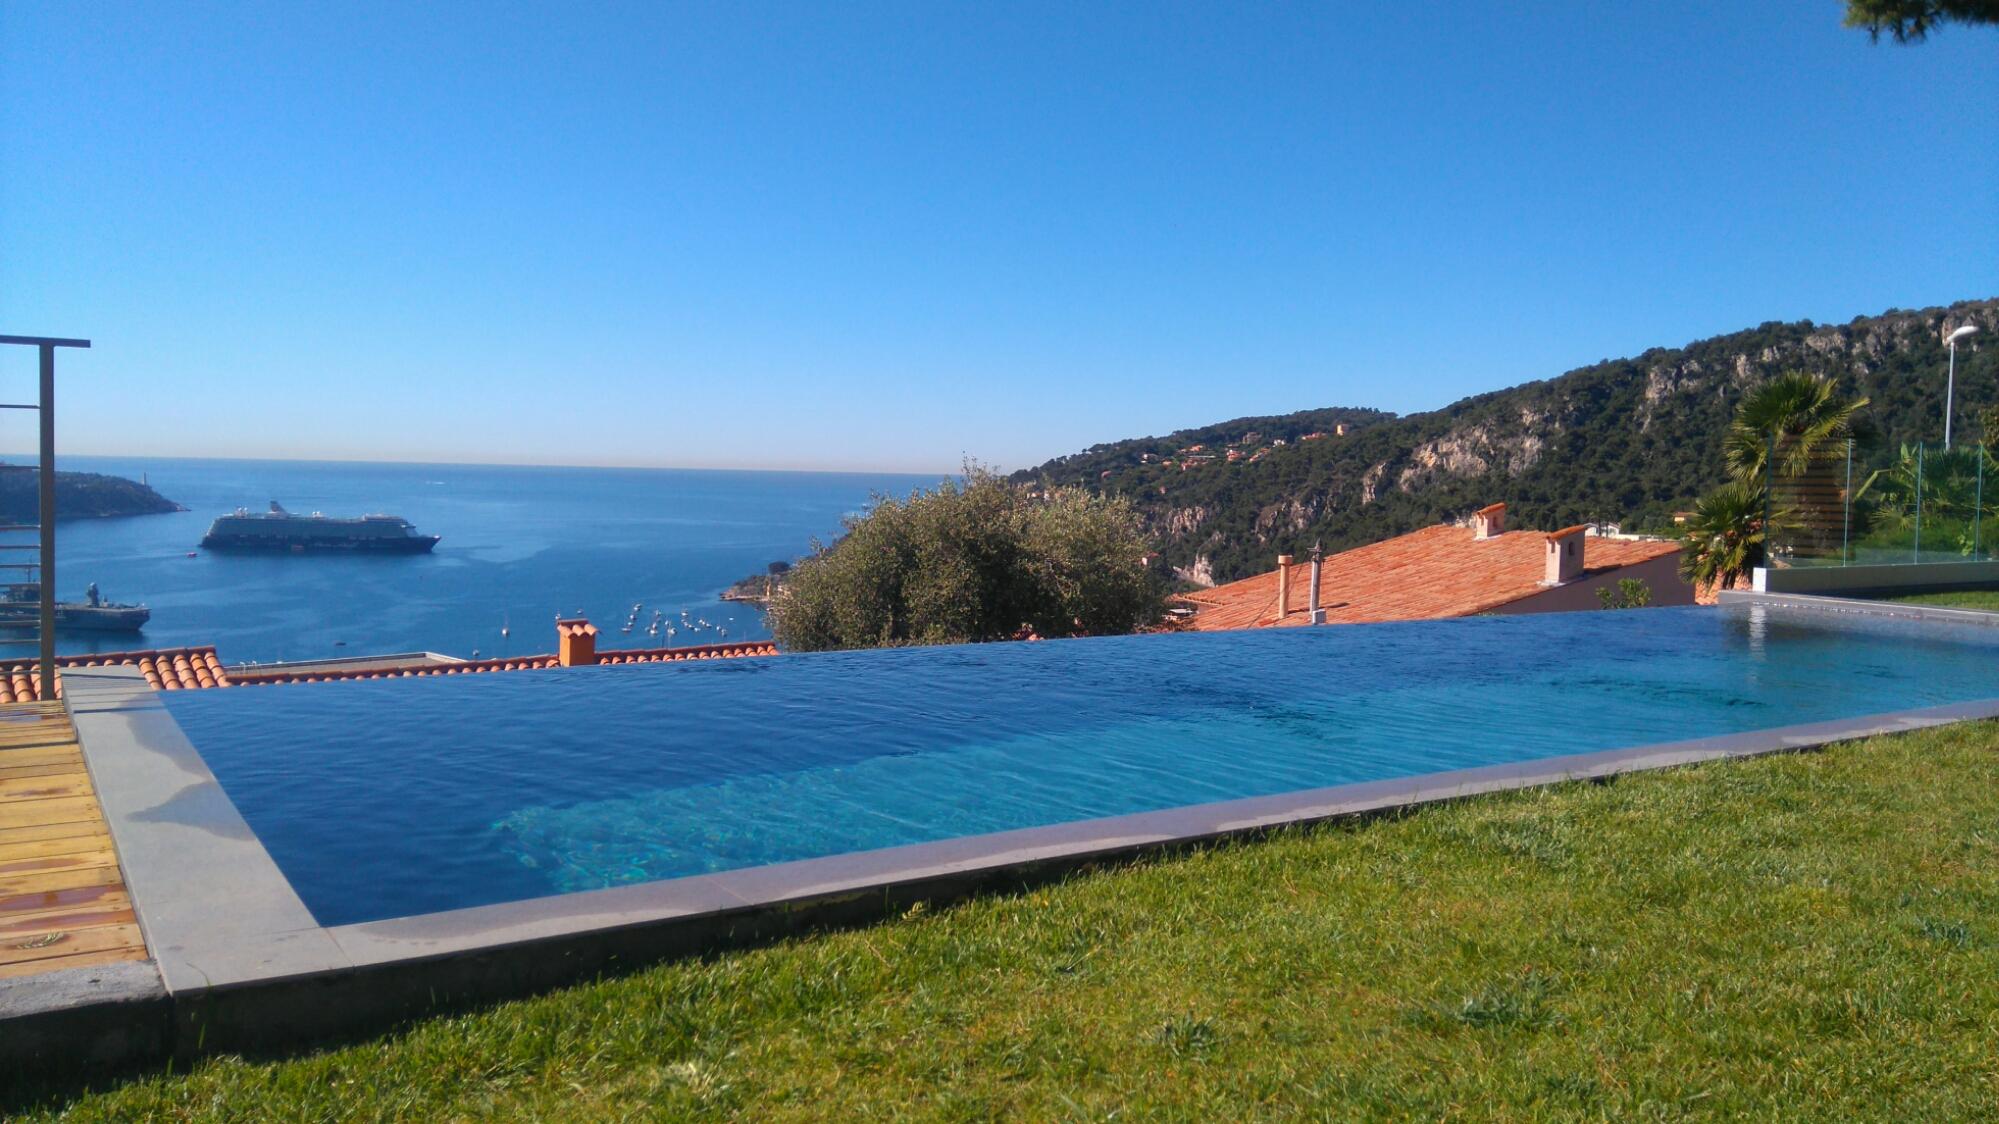 Entretien d pannage de piscine spa jaccuzi sauna et hammam for Depannage piscine